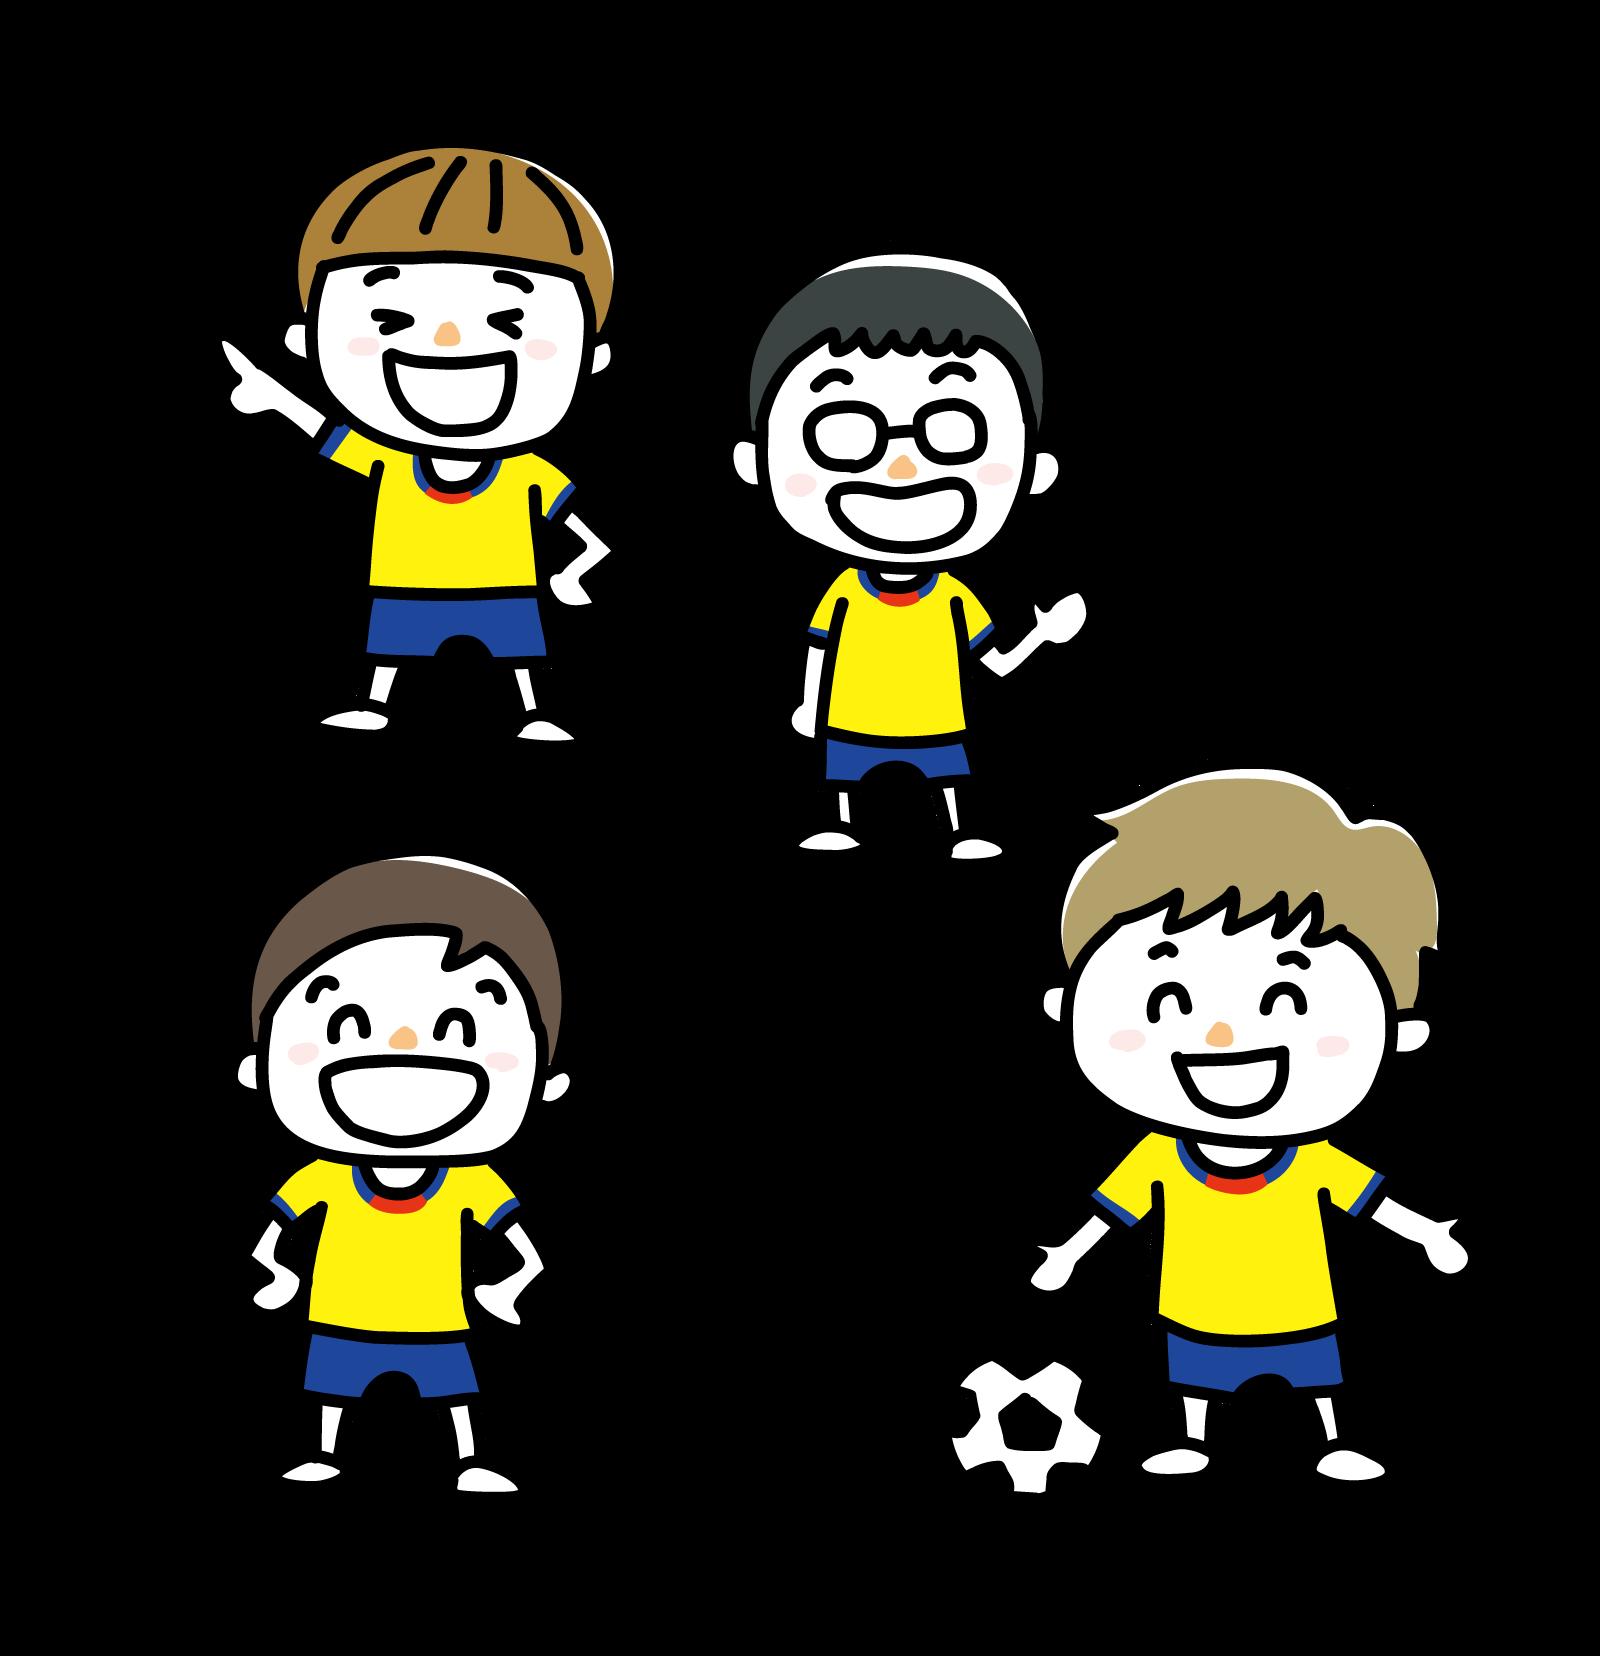 道路遊び,サッカー,ボール遊び